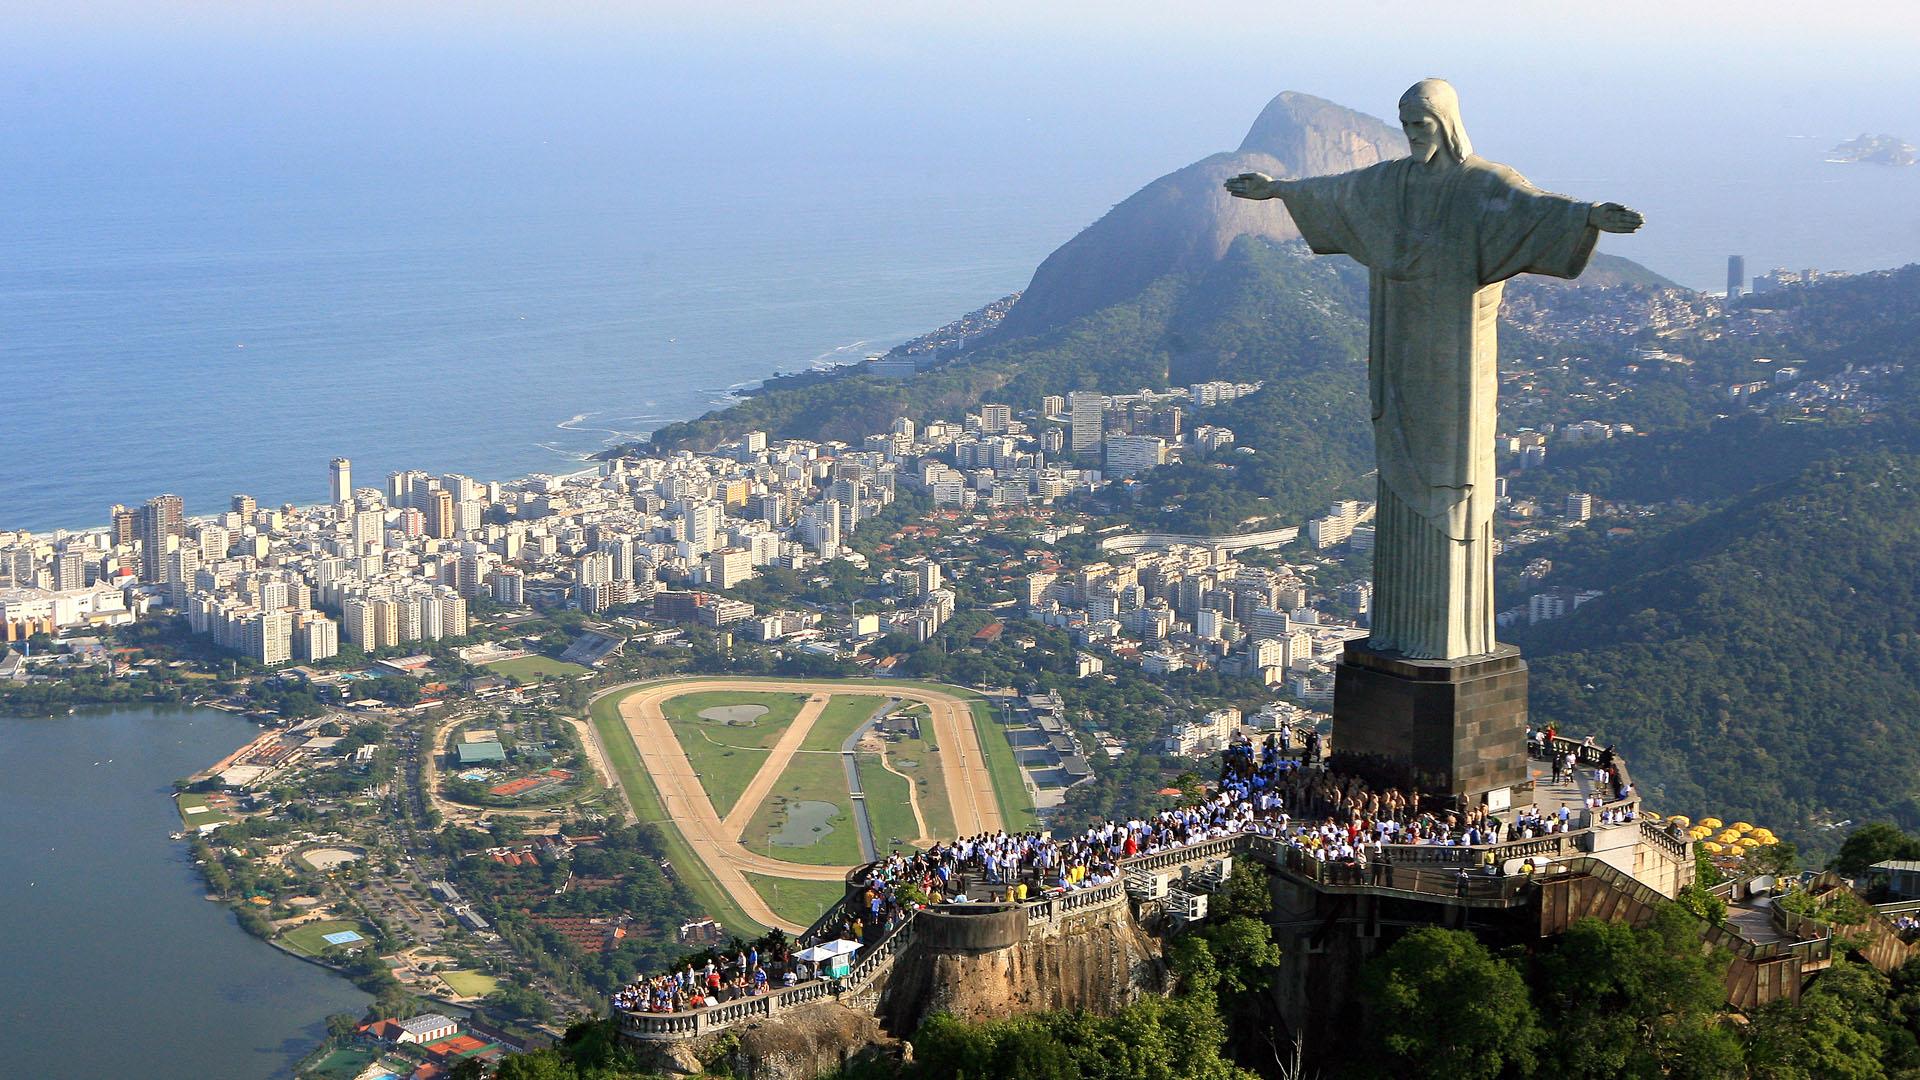 Imagem do rio de Janeiro com Cristo Redentor